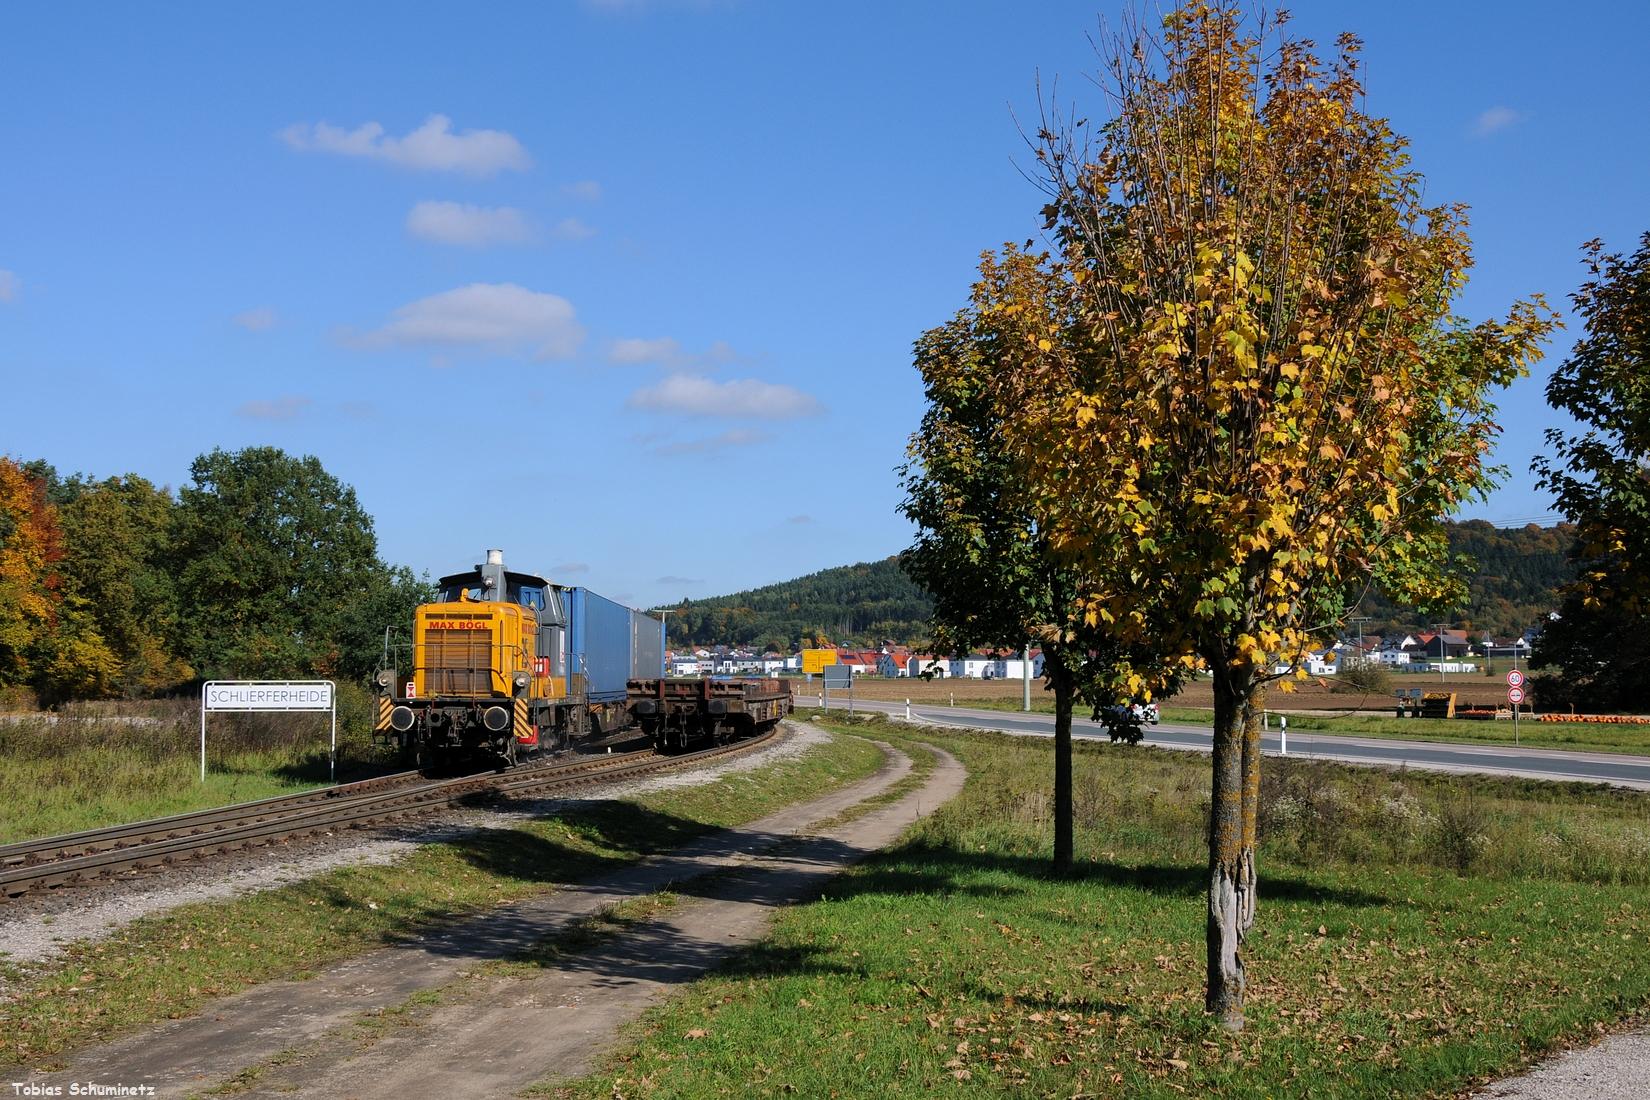 Ohne viel Streß schaffte ich von der zweiten Fuhre ein Bild im Werksbahnhof Schlierferheide bevor der Zug unfotografierbar ins Werk verschwindet.